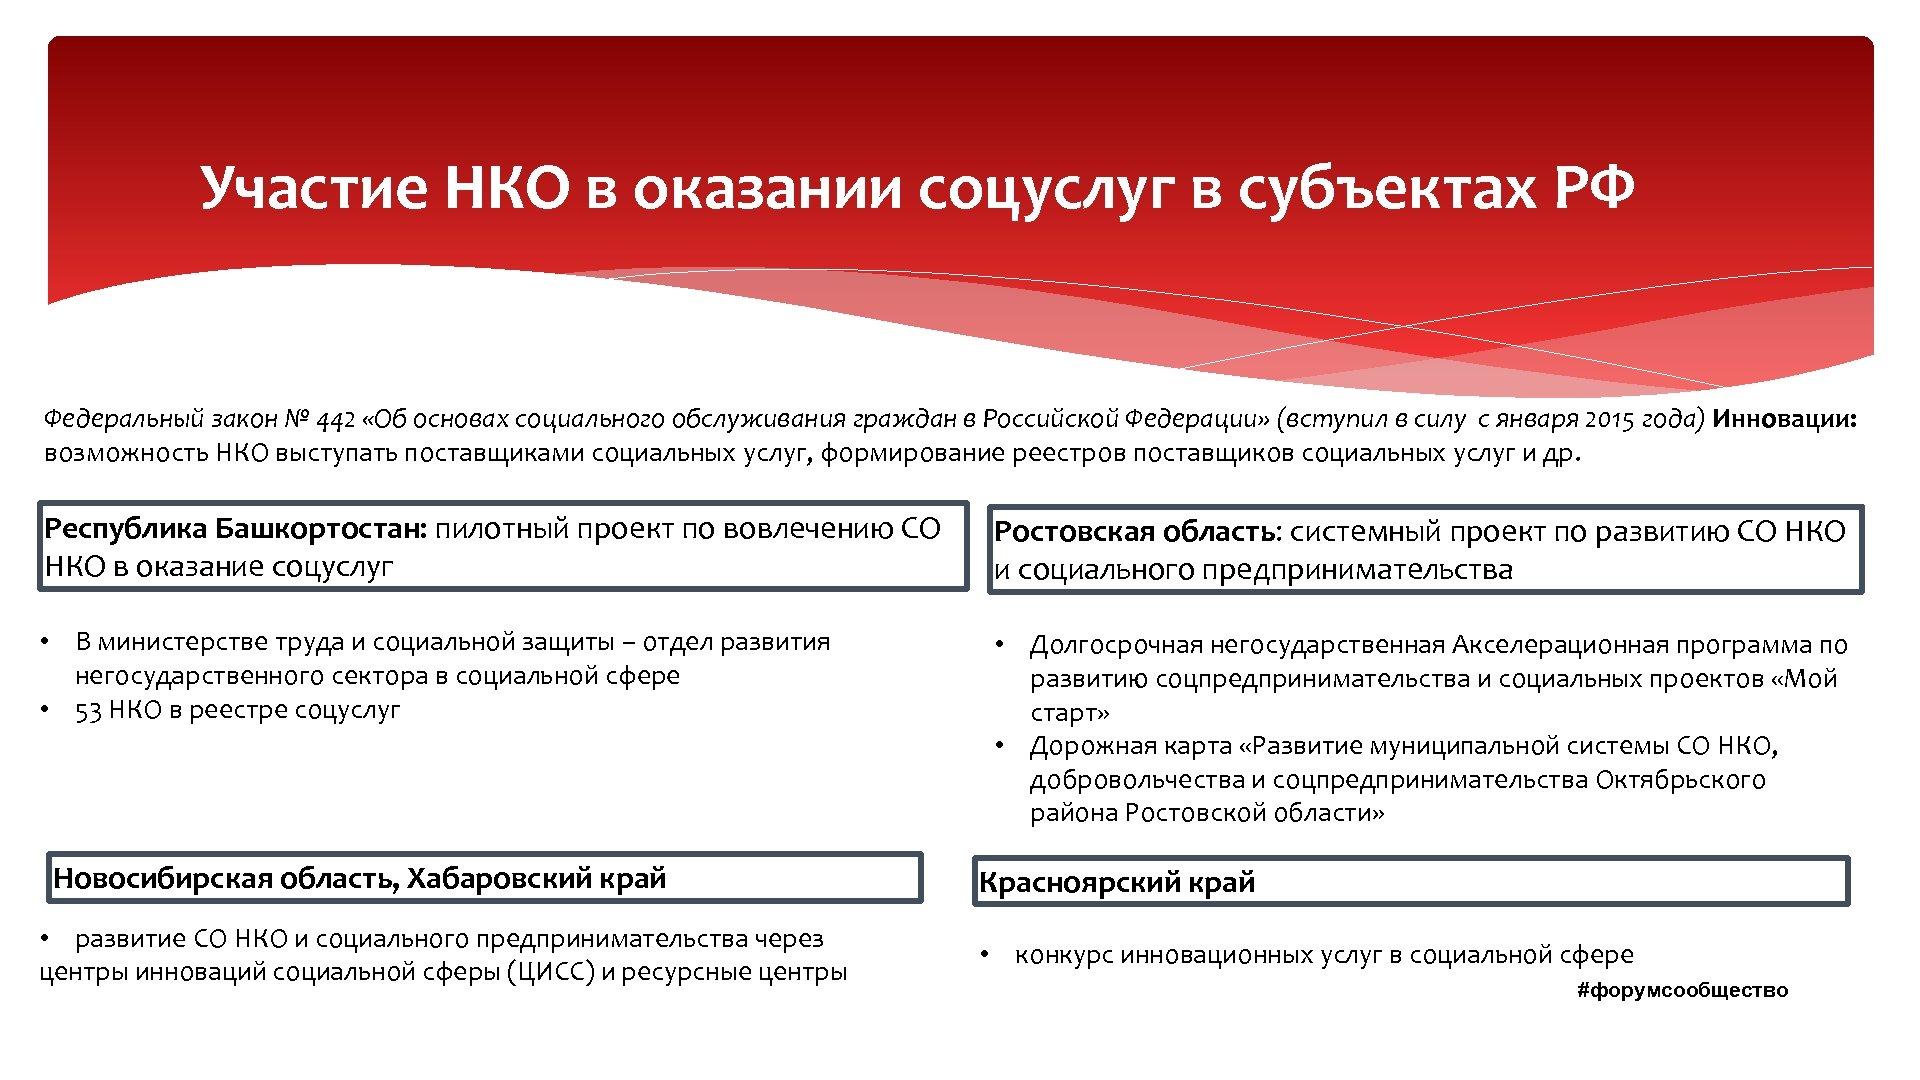 Участие НКО в оказании соцуслуг в субъектах РФ Федеральный закон № 442 «Об основах